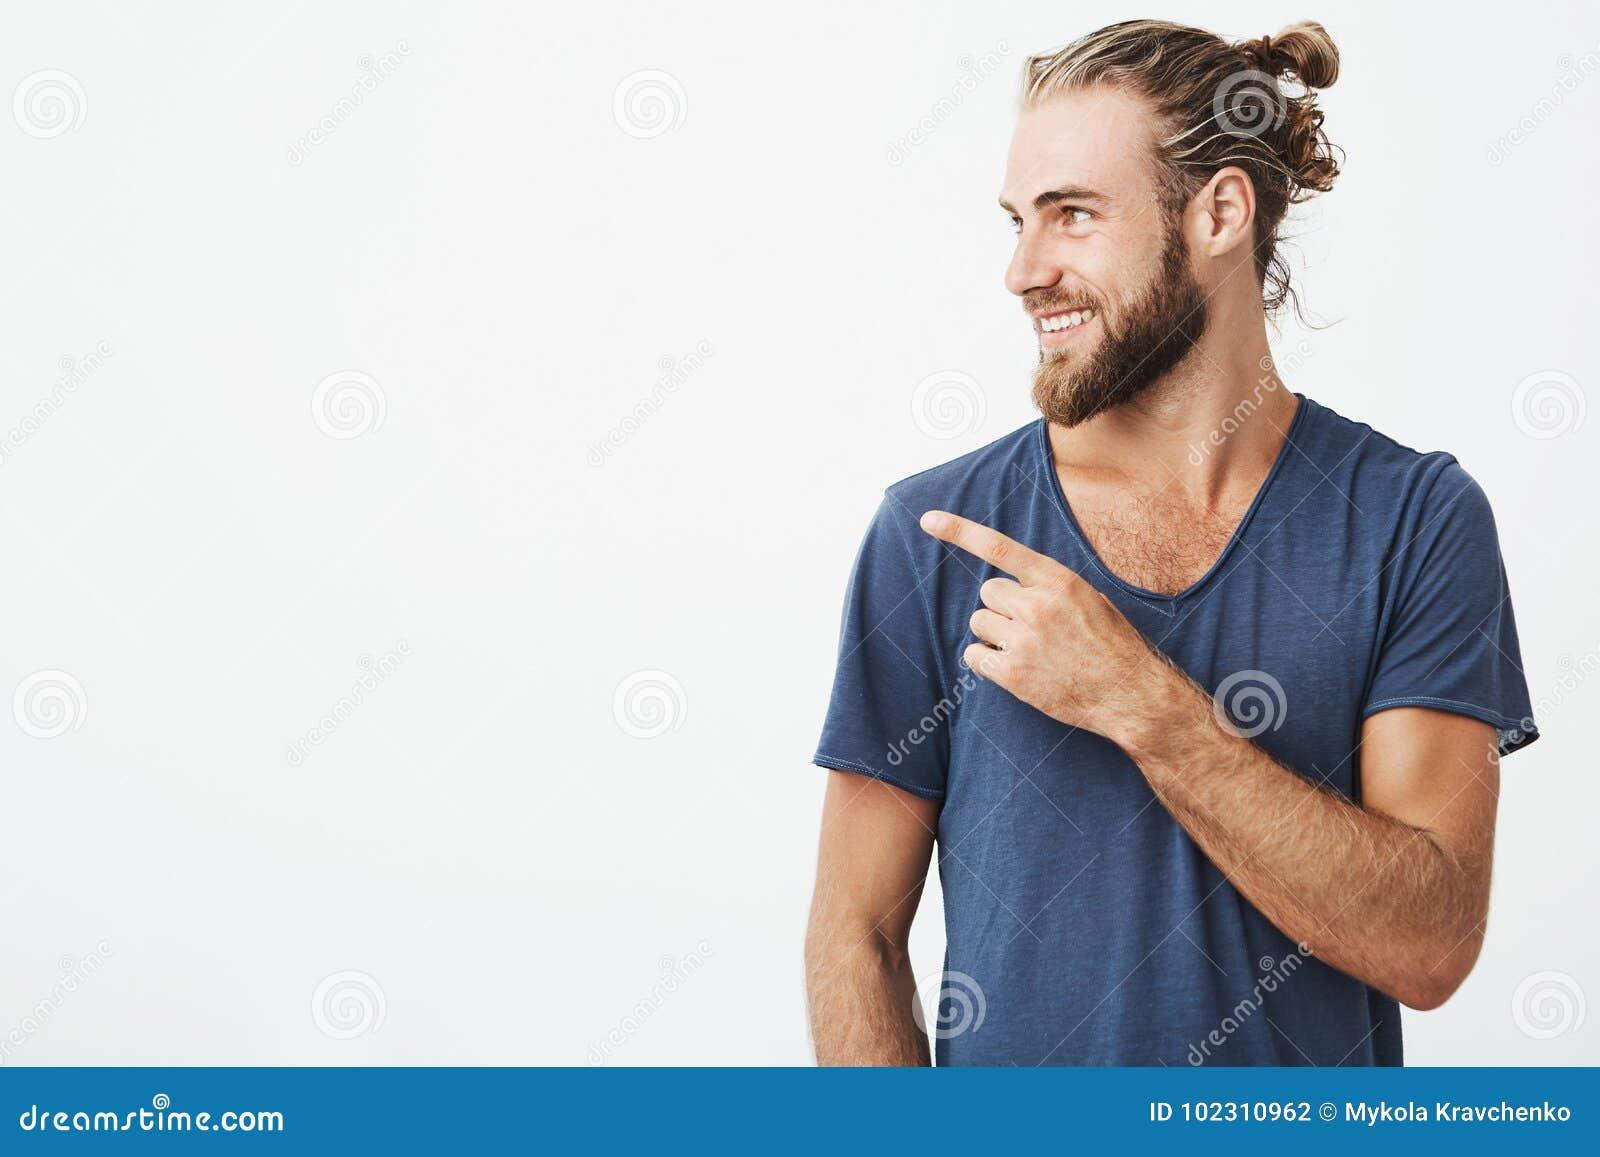 Profiel van de vrolijke knappe mens met modieus kapsel en baard die brightfully en op vrije ruimte richten voor glimlachen